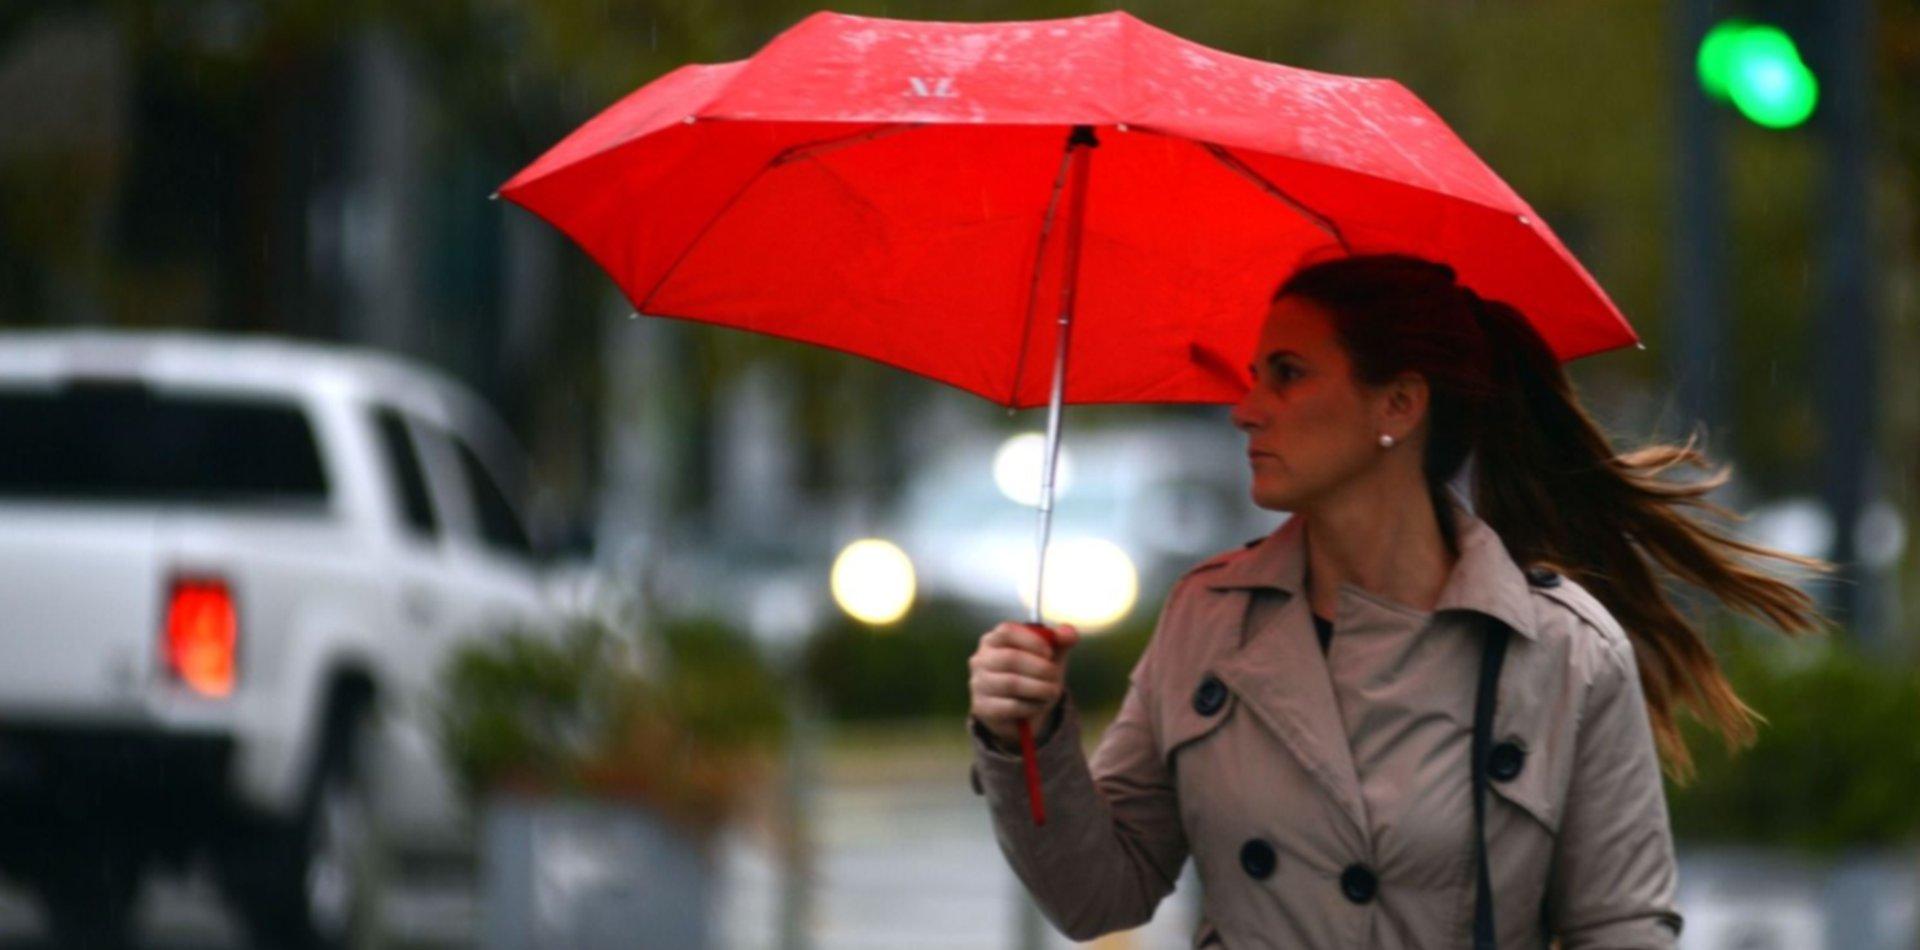 Martes inestable, nublado y con lluvias: así estará el clima en La Plata